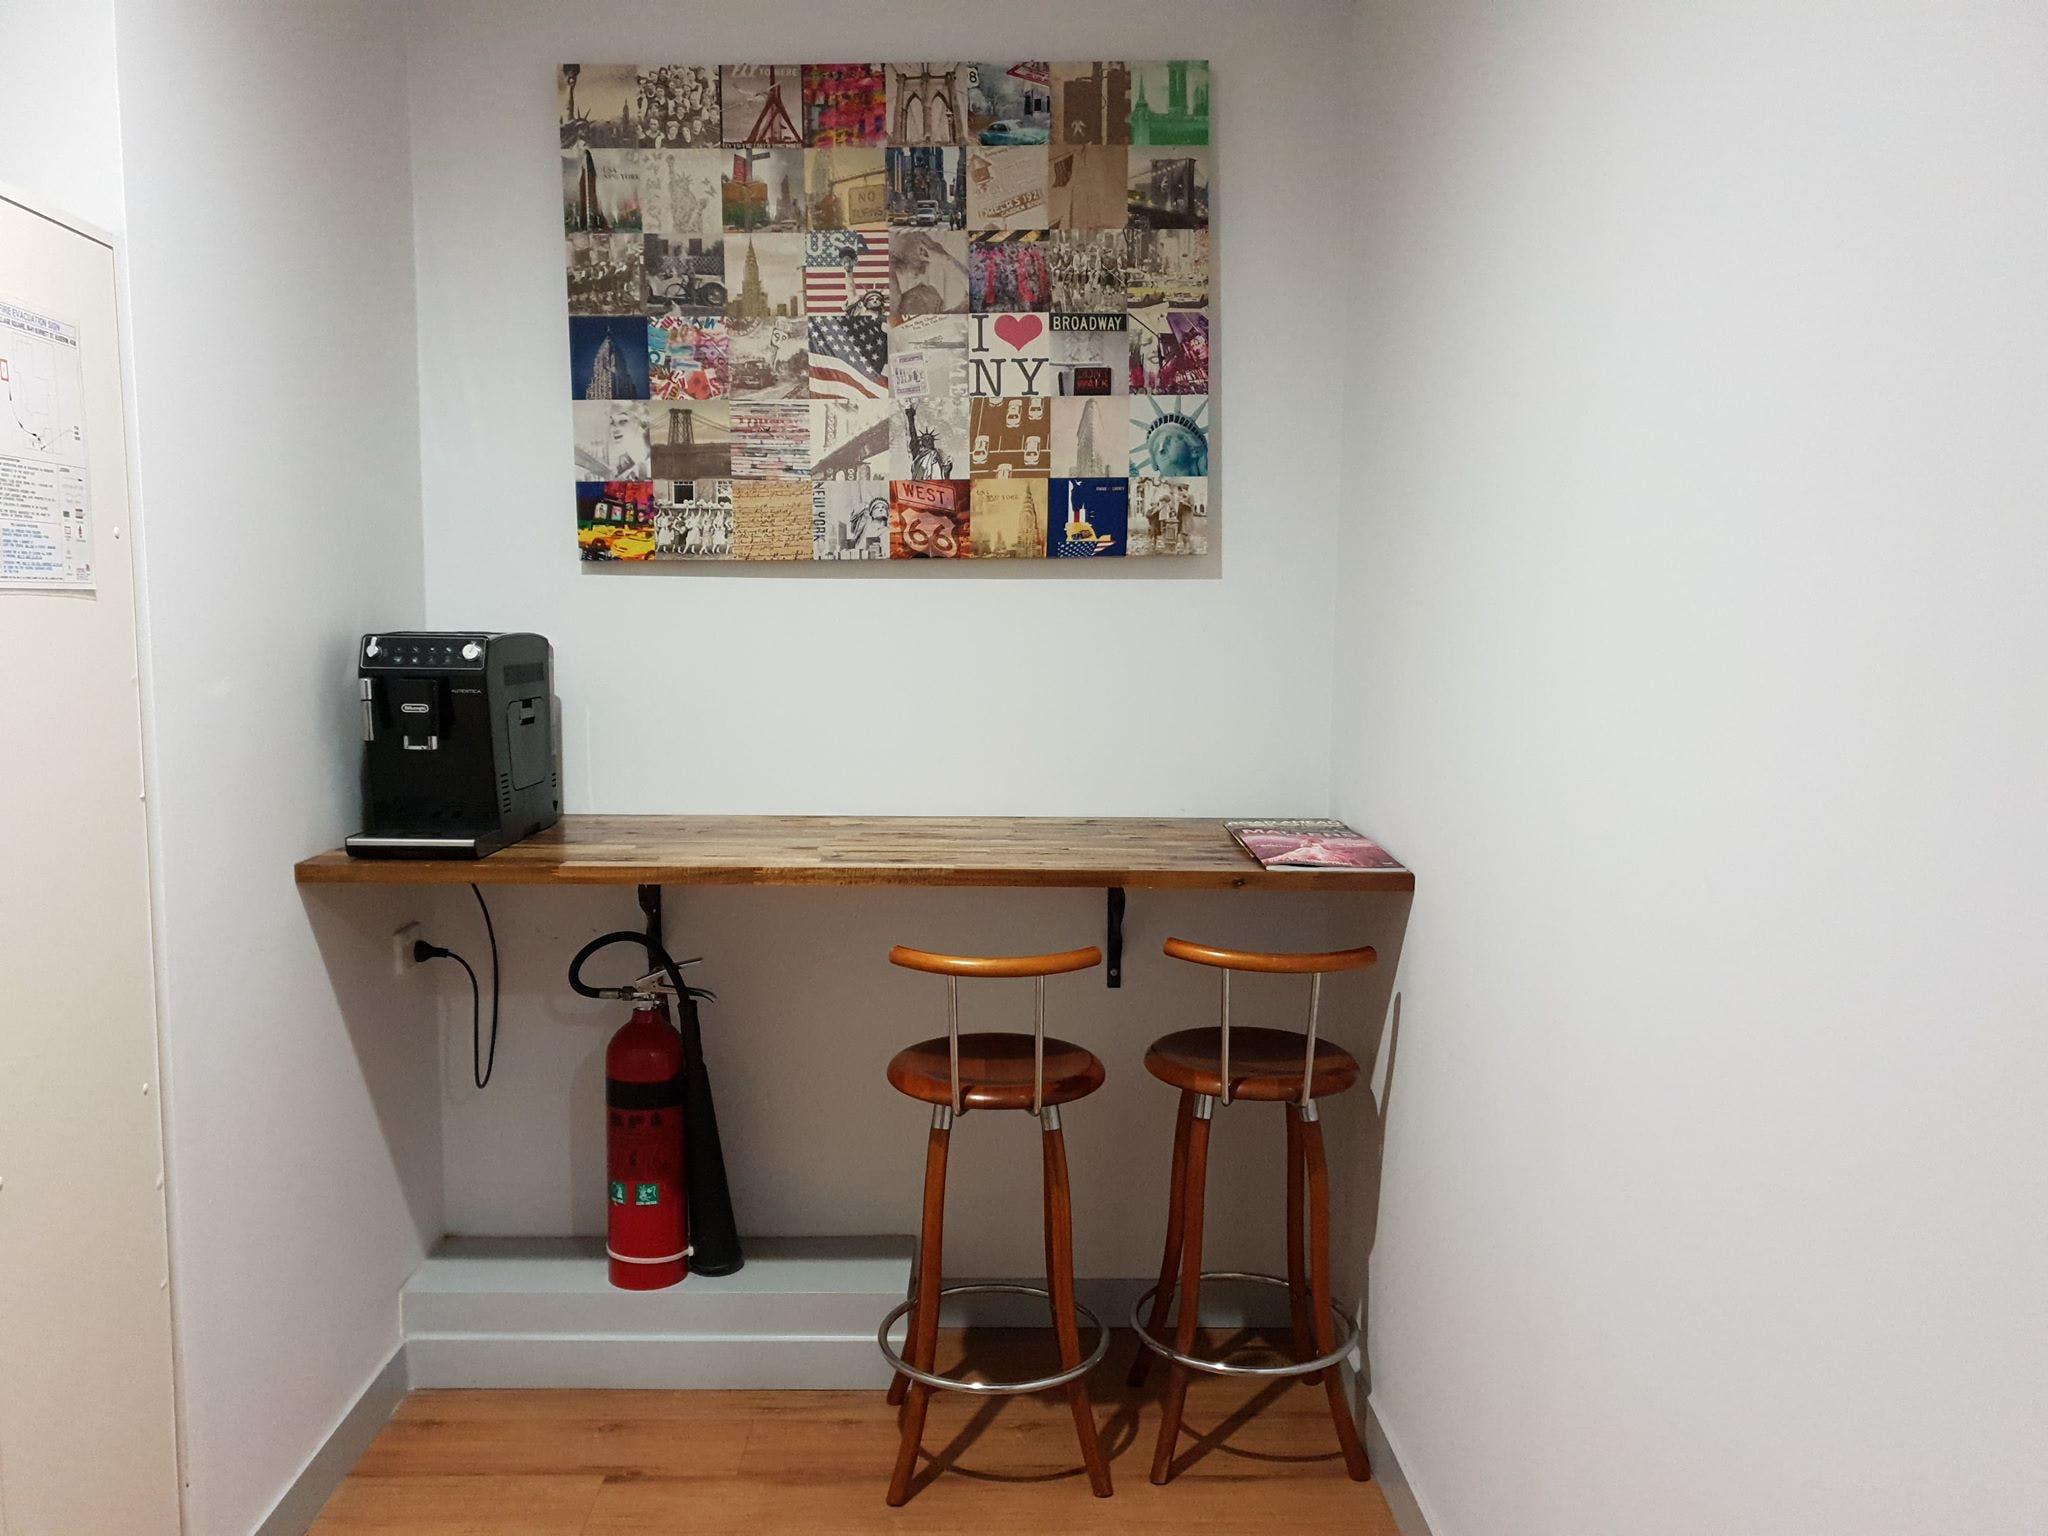 Hot desk at Buderim Hot Desks, image 5